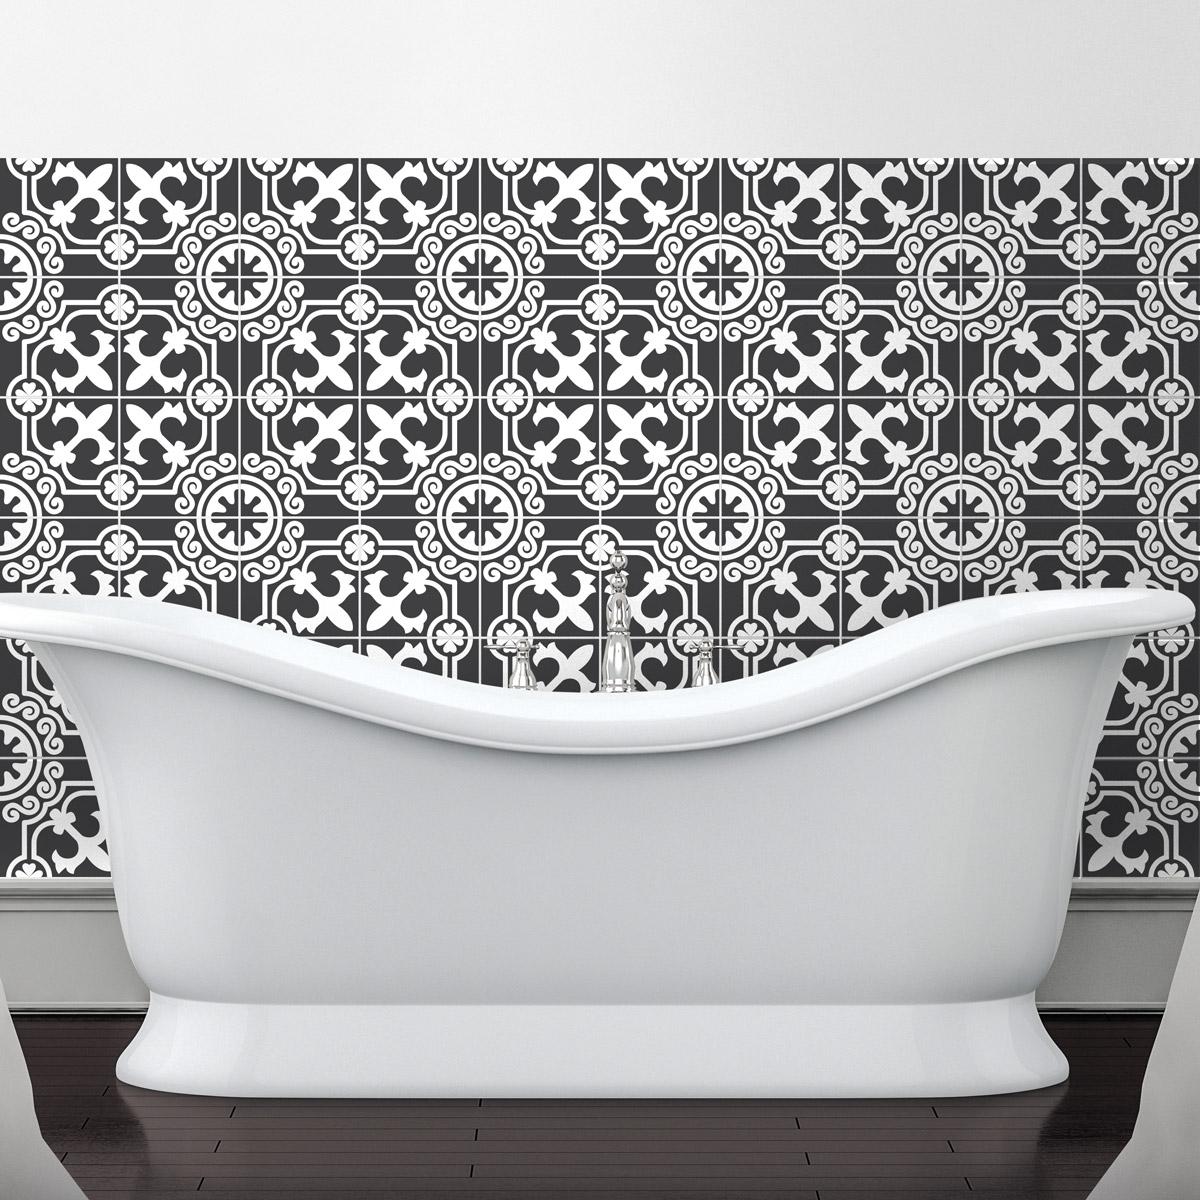 60 stickers carrelages tiles arabesque nuance de gris art et design artistiques ambiance sticker. Black Bedroom Furniture Sets. Home Design Ideas